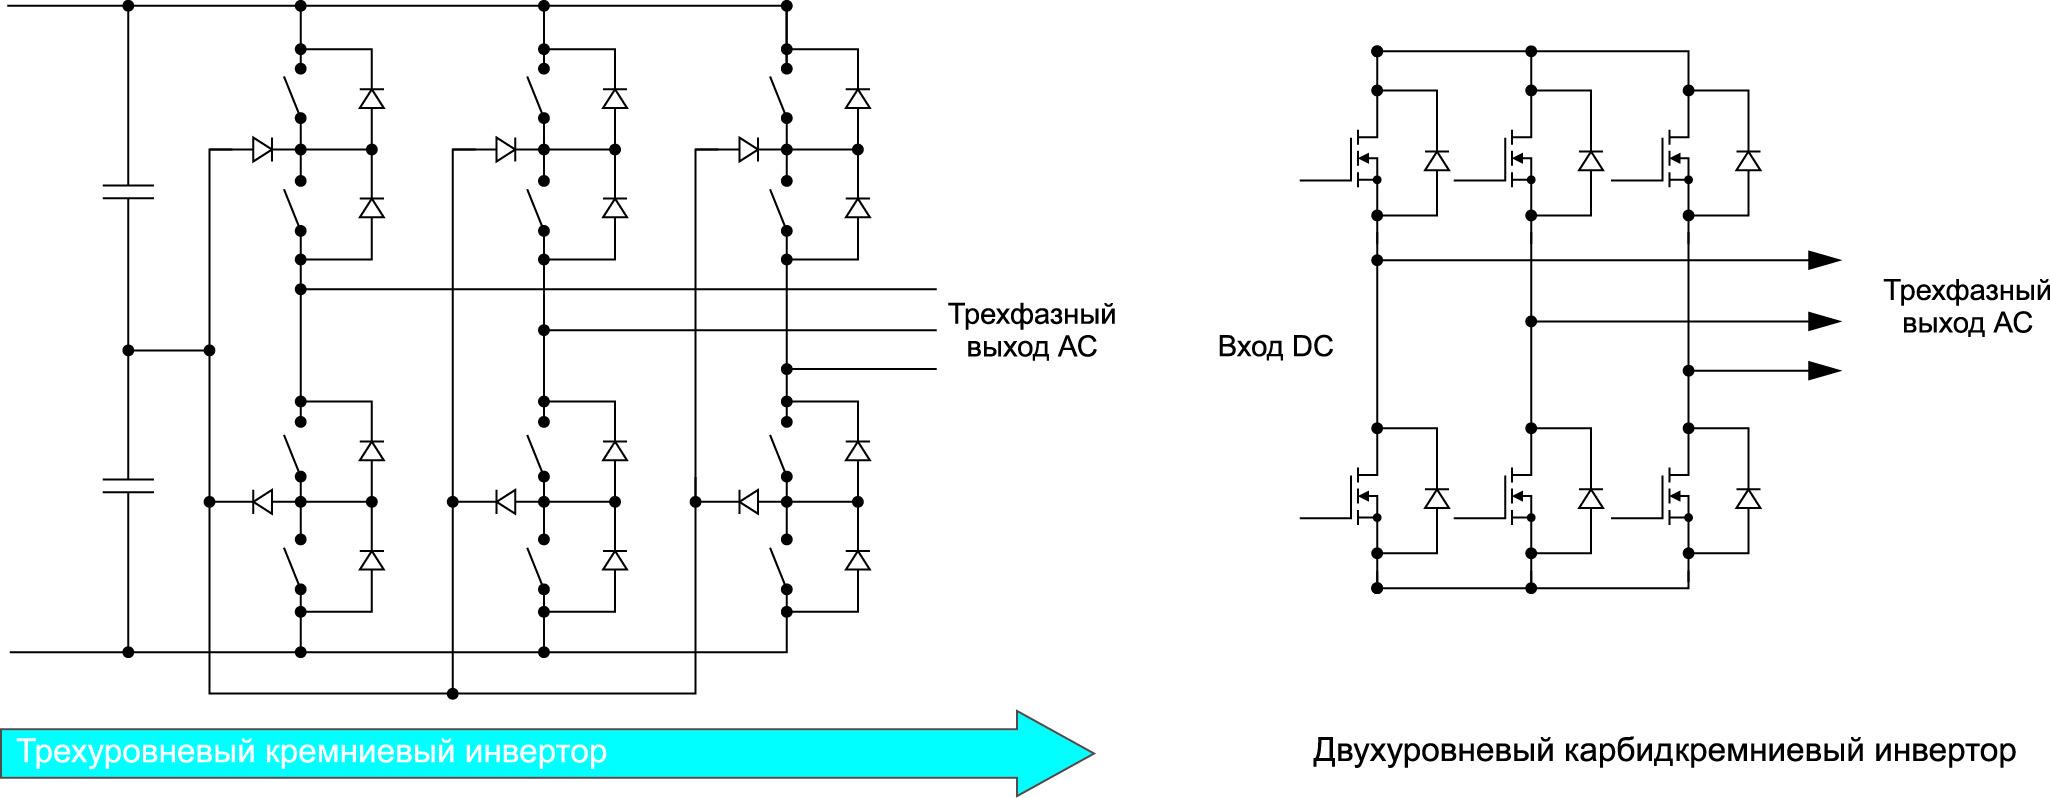 Рис. 4. Упрощение схемы инвертора солнечных батарей благодаря использованию SiC-элементов